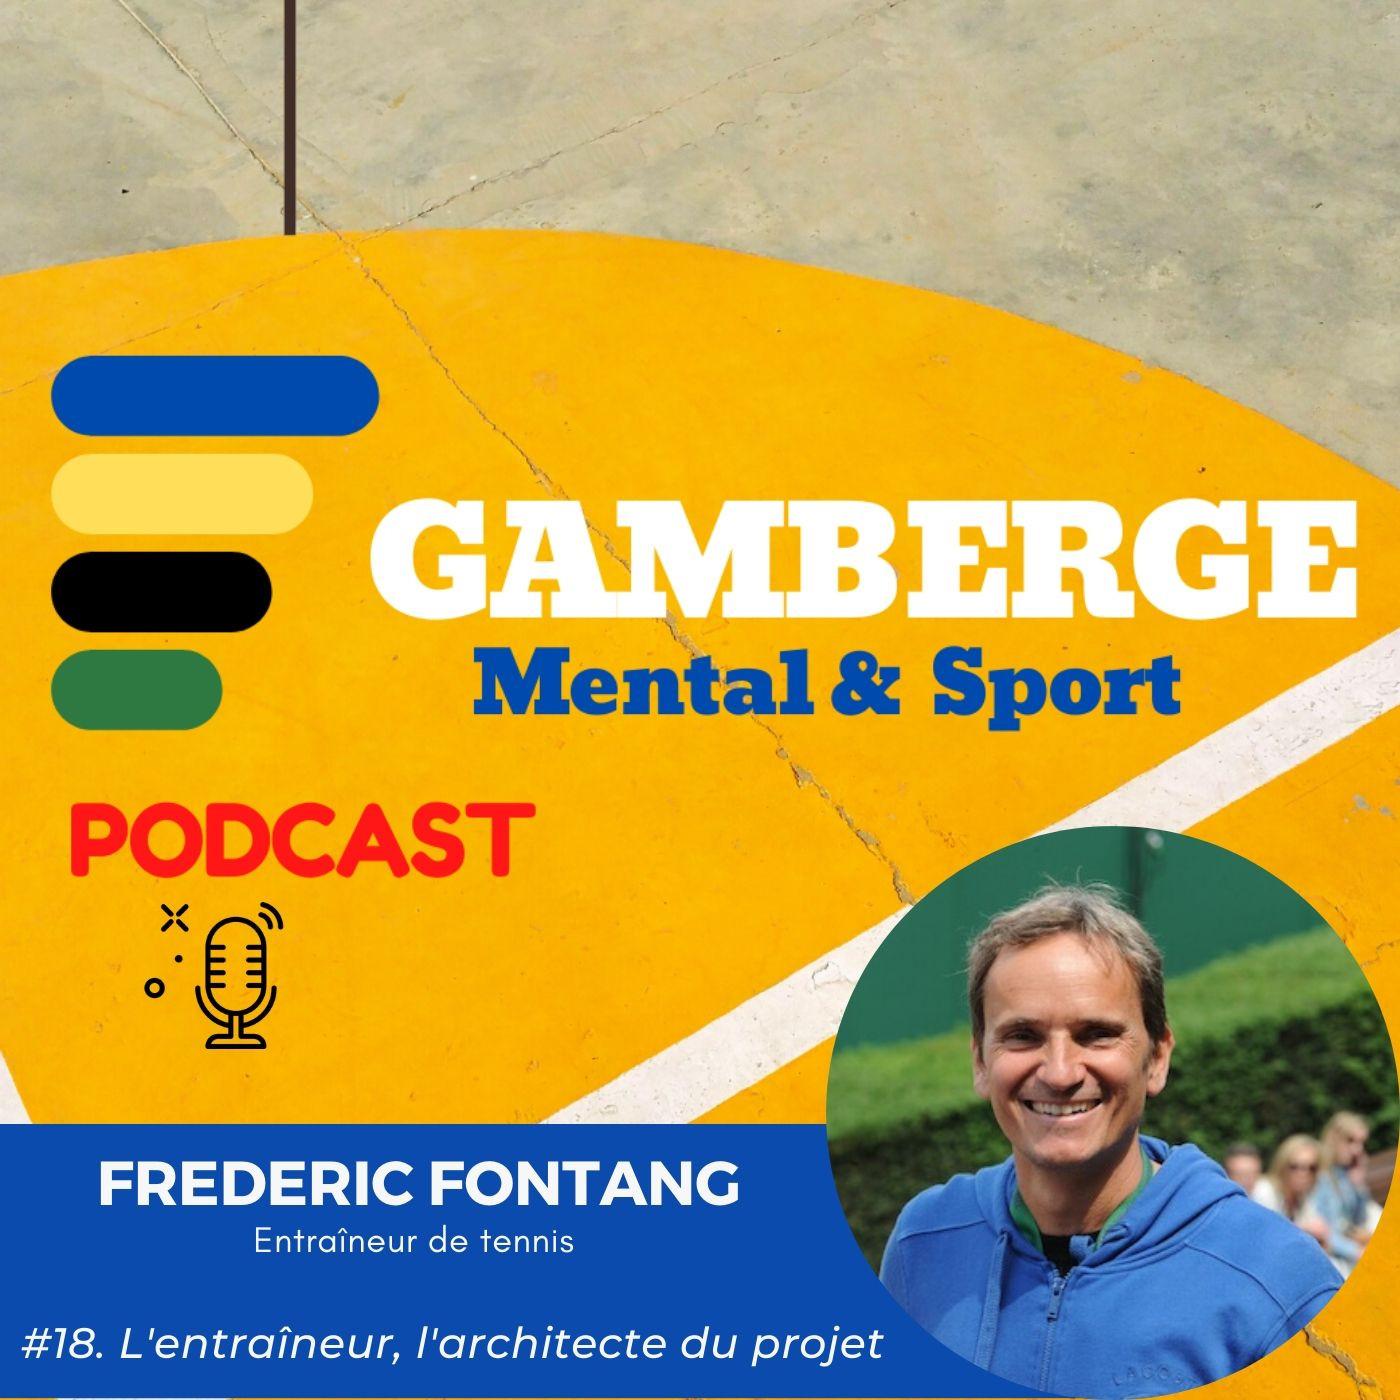 #18. Frédéric Fontang: L'entraîneur, l'architecte du projet